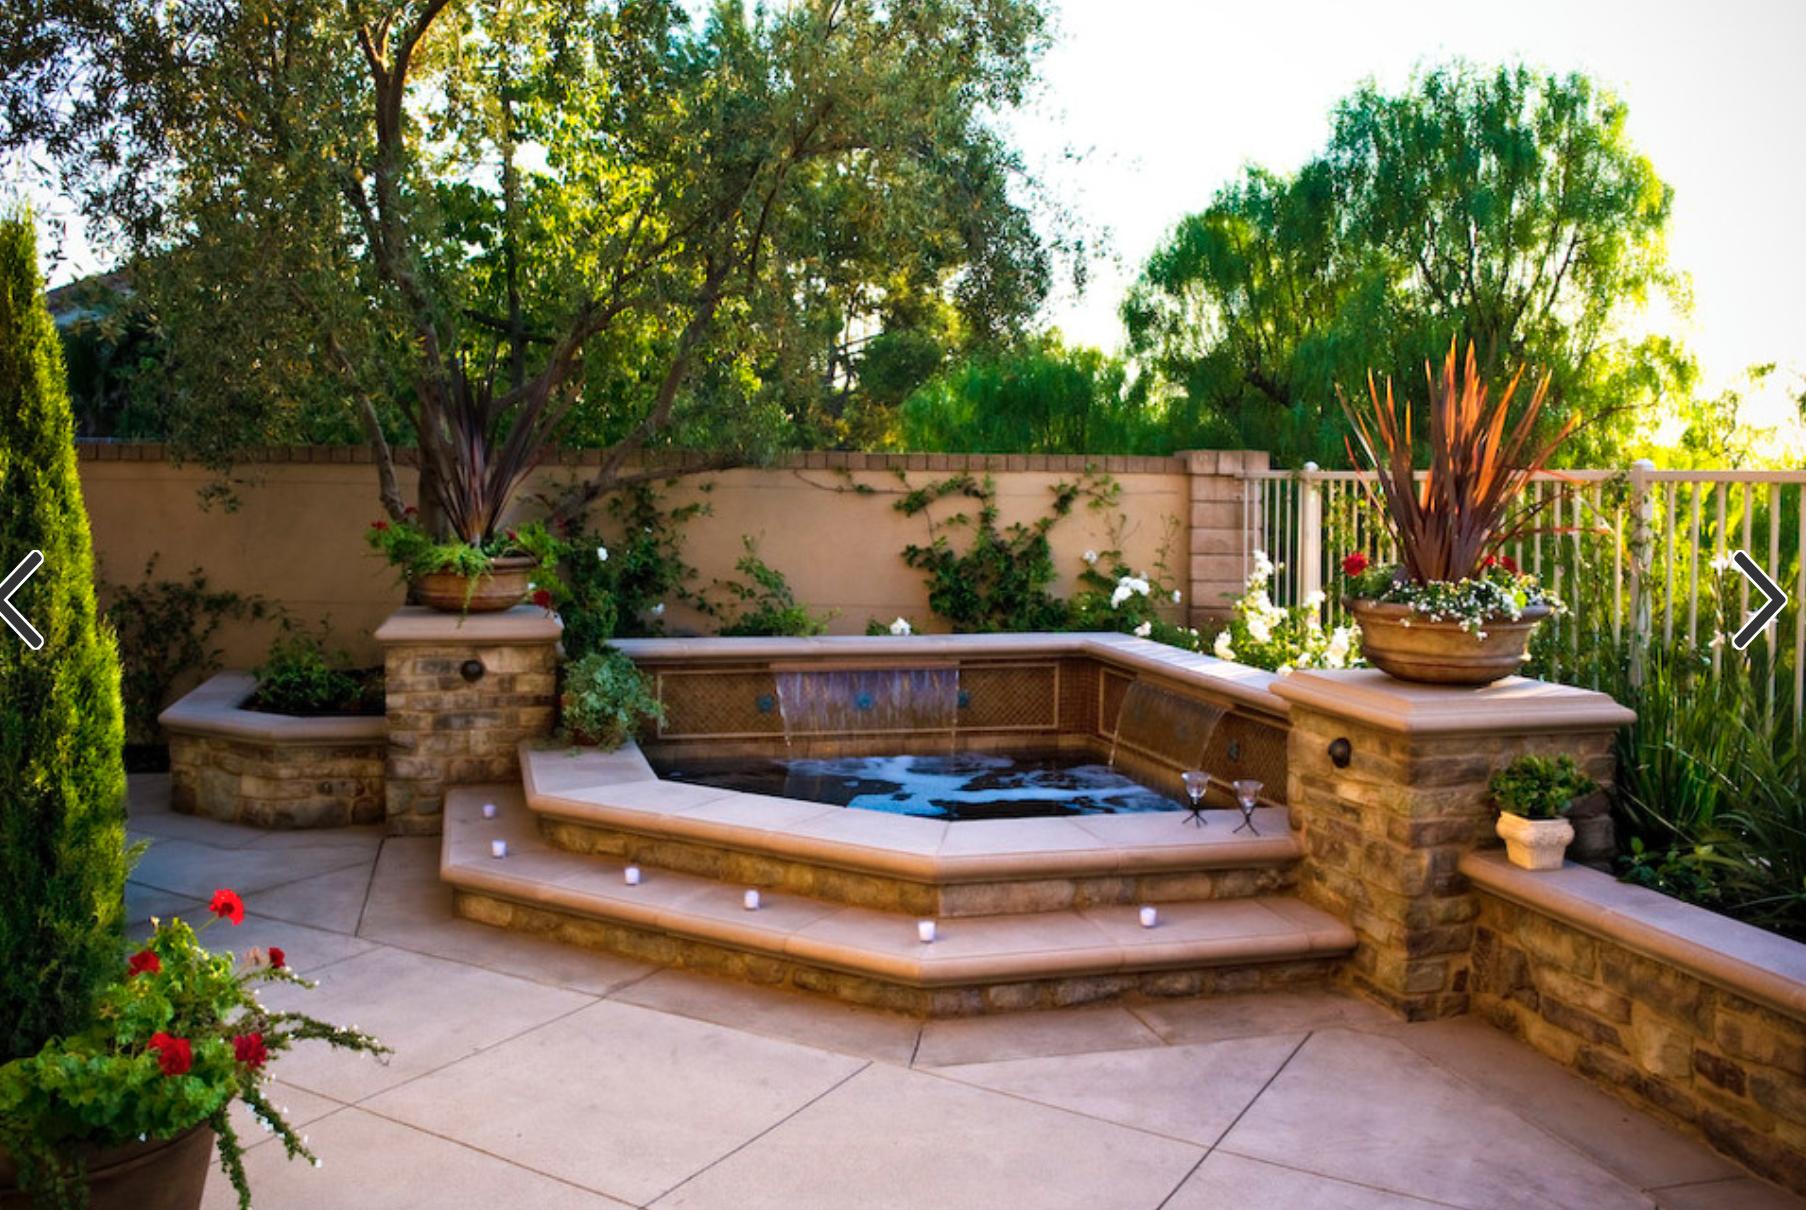 backyard u0027spool u0027 tub pool for downward slope in backyard